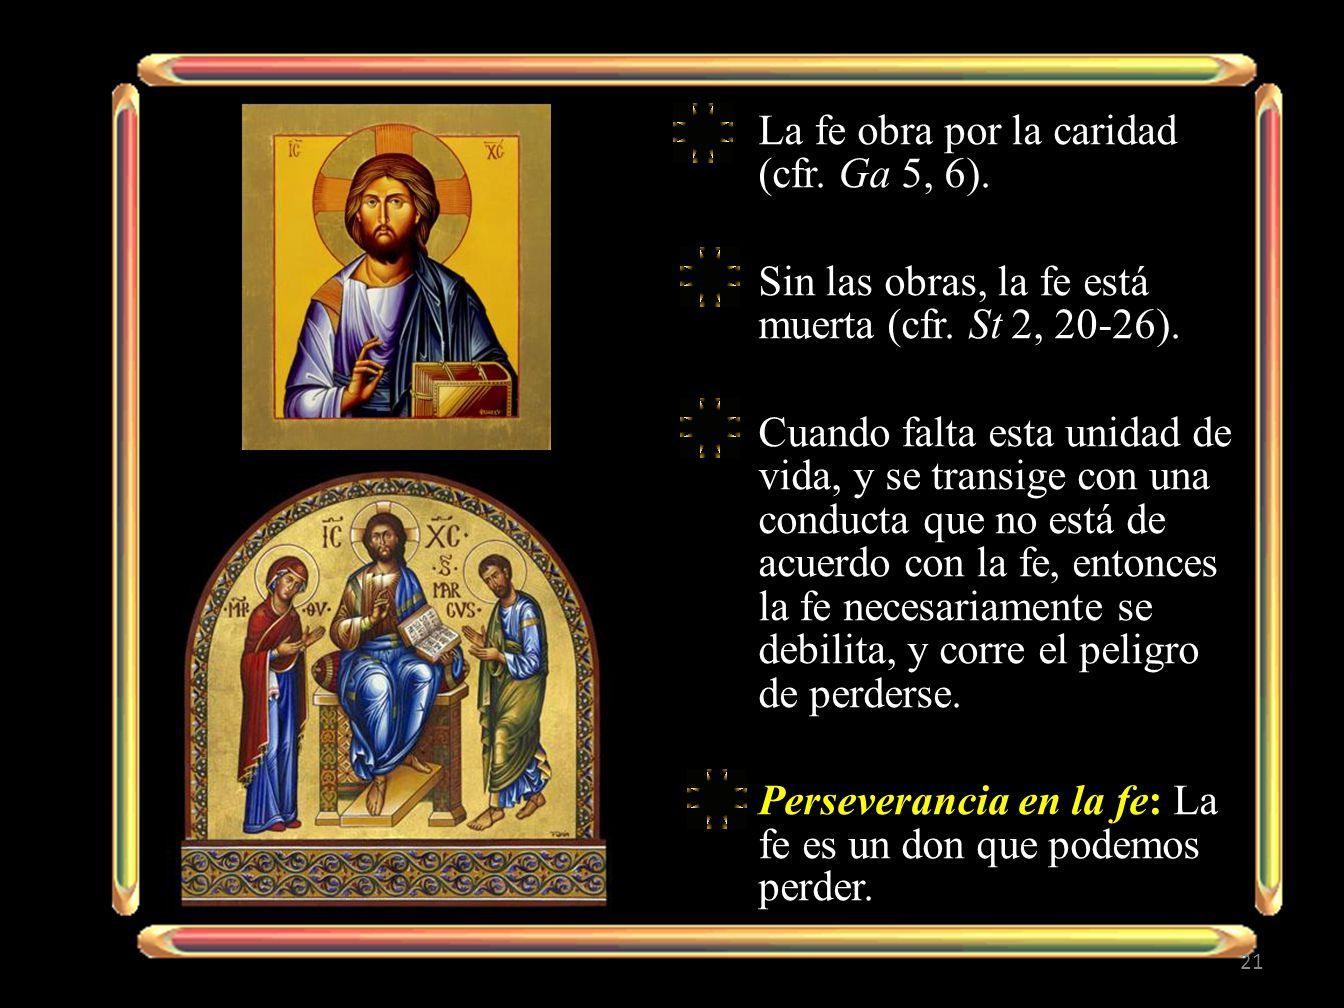 La fe obra por la caridad (cfr. Ga 5, 6).